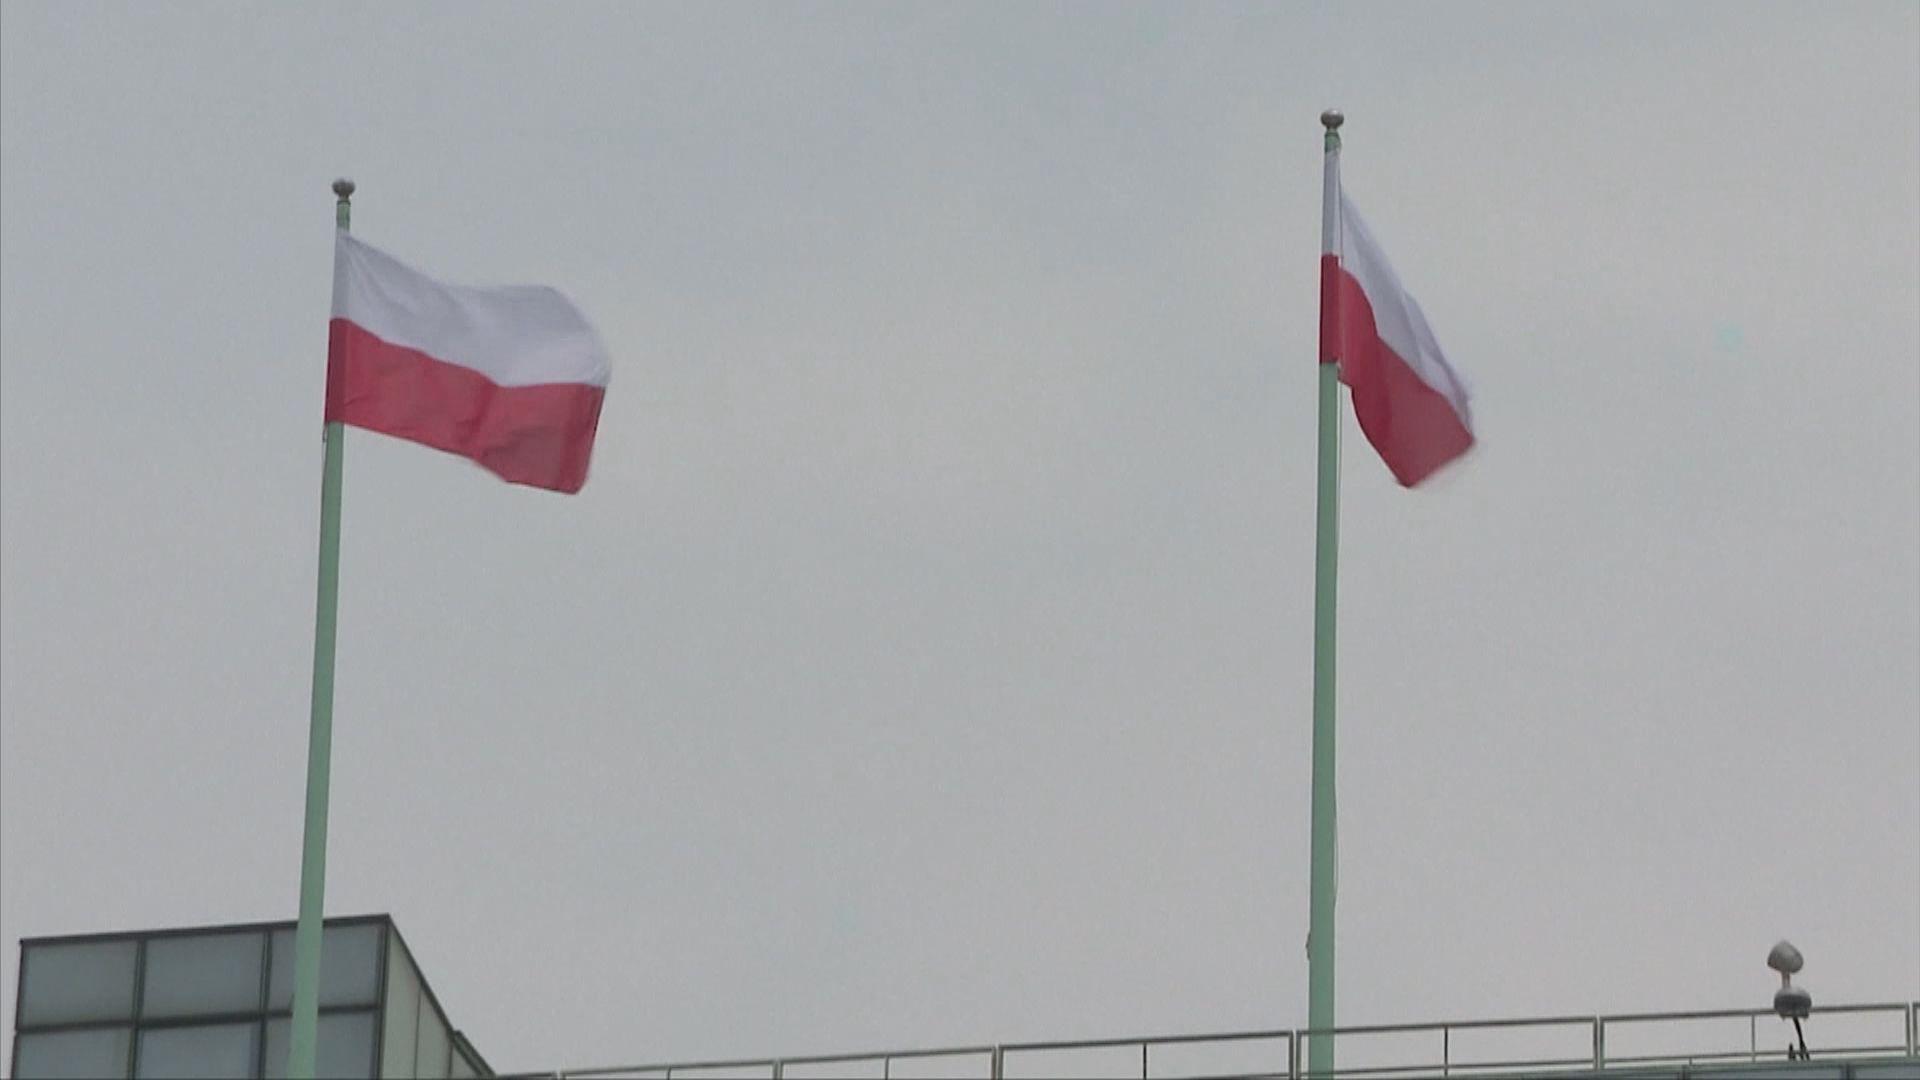 歐洲法院裁定波蘭須向歐盟每天支付一百萬歐元罰款